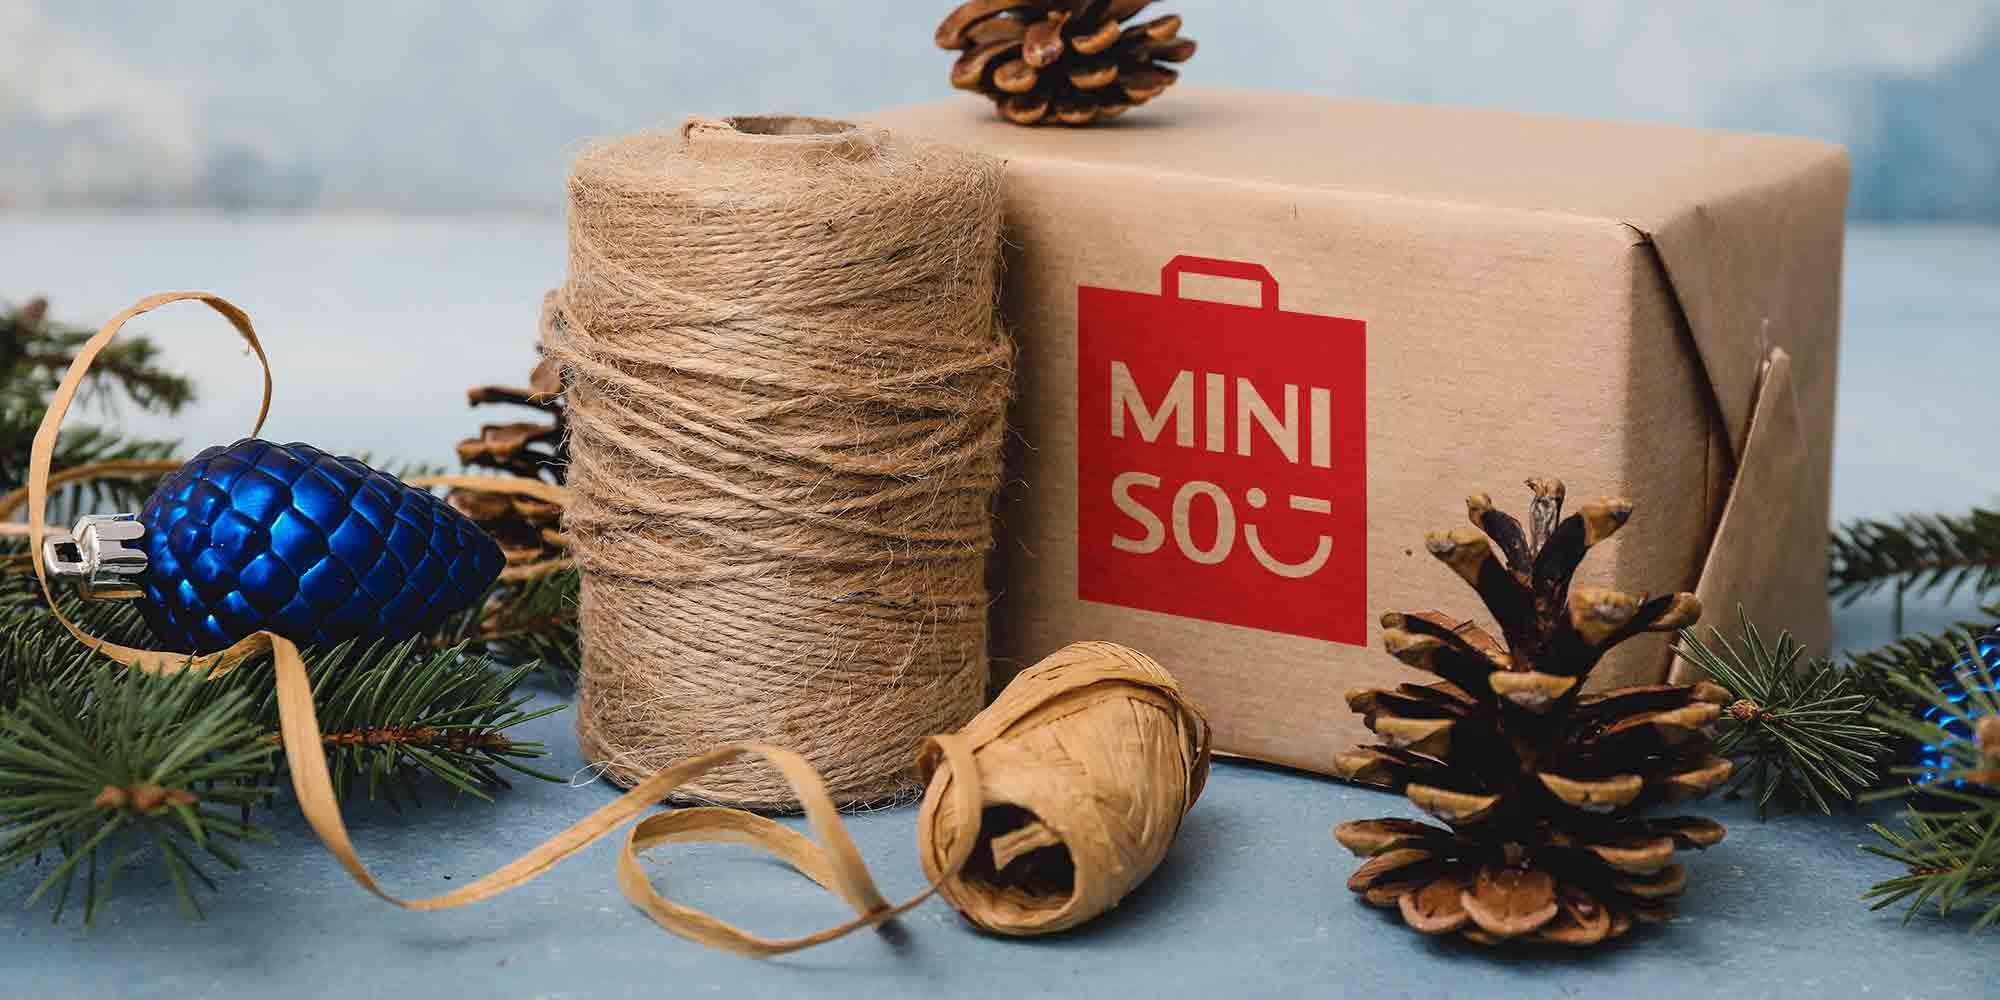 Regala una tarjeta de regalo Miniso… (¡sí, por fin ya llegó!)